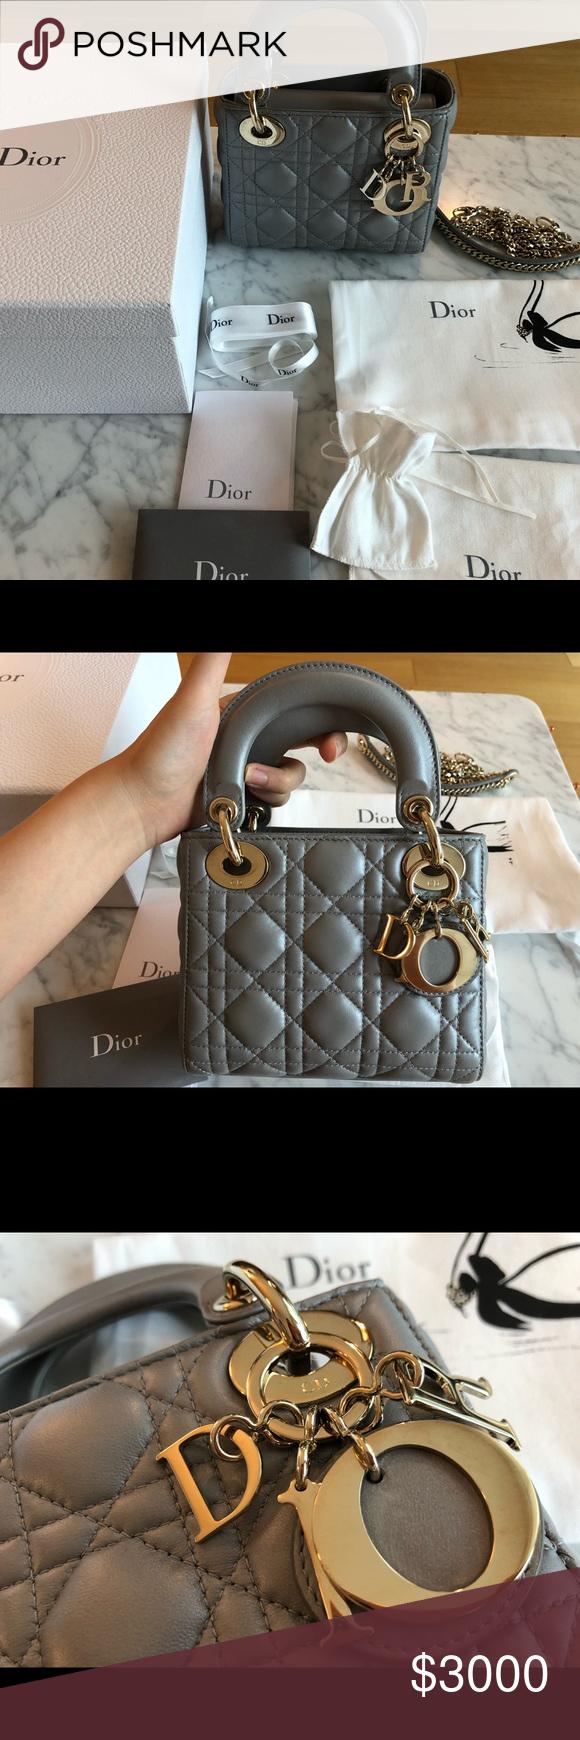 e6678ad7b07ba Dior Lady Bag Mini, Christian Dior Lady Pearl Gray Dior Lady Bag Mini,  Christian